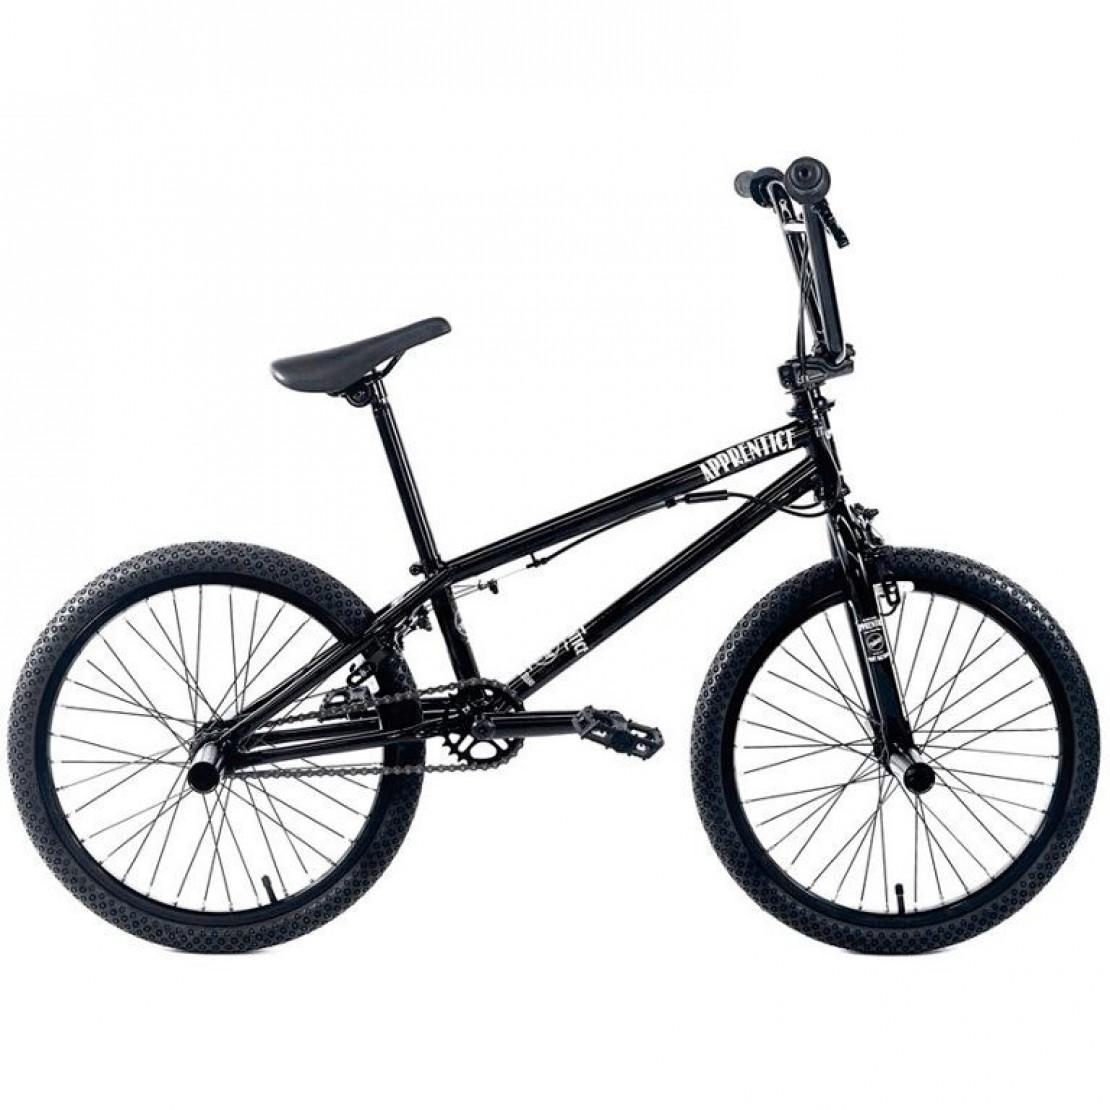 Colony Apprentice Flatland BMX BIke 2016   BMX Bikes from £380